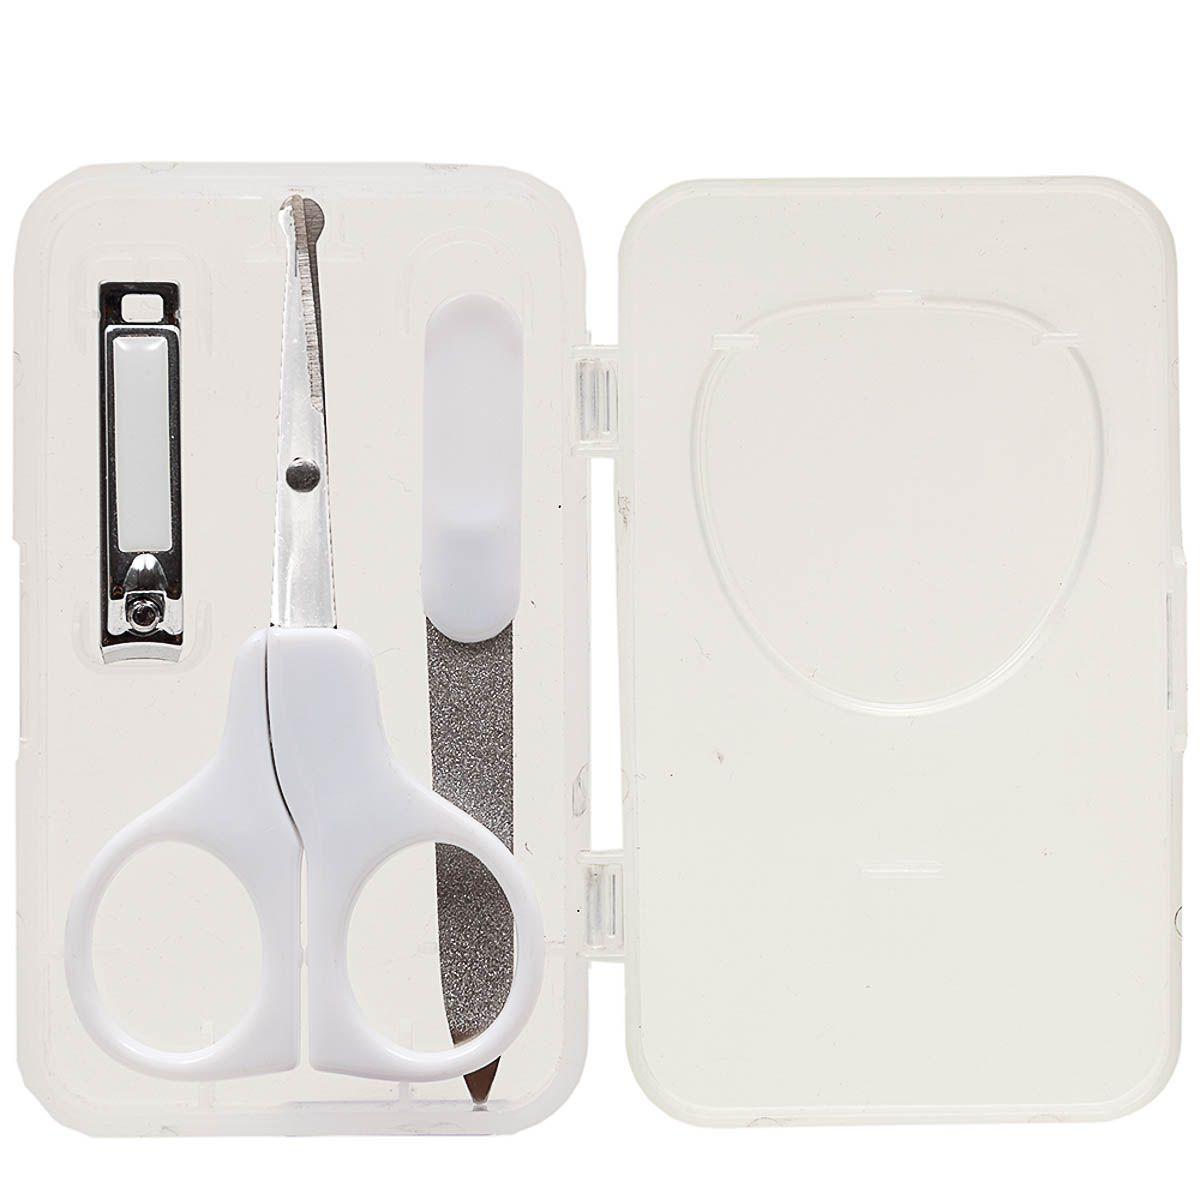 Kit Manicure Com Estojo Branco - Buba Ref 5245